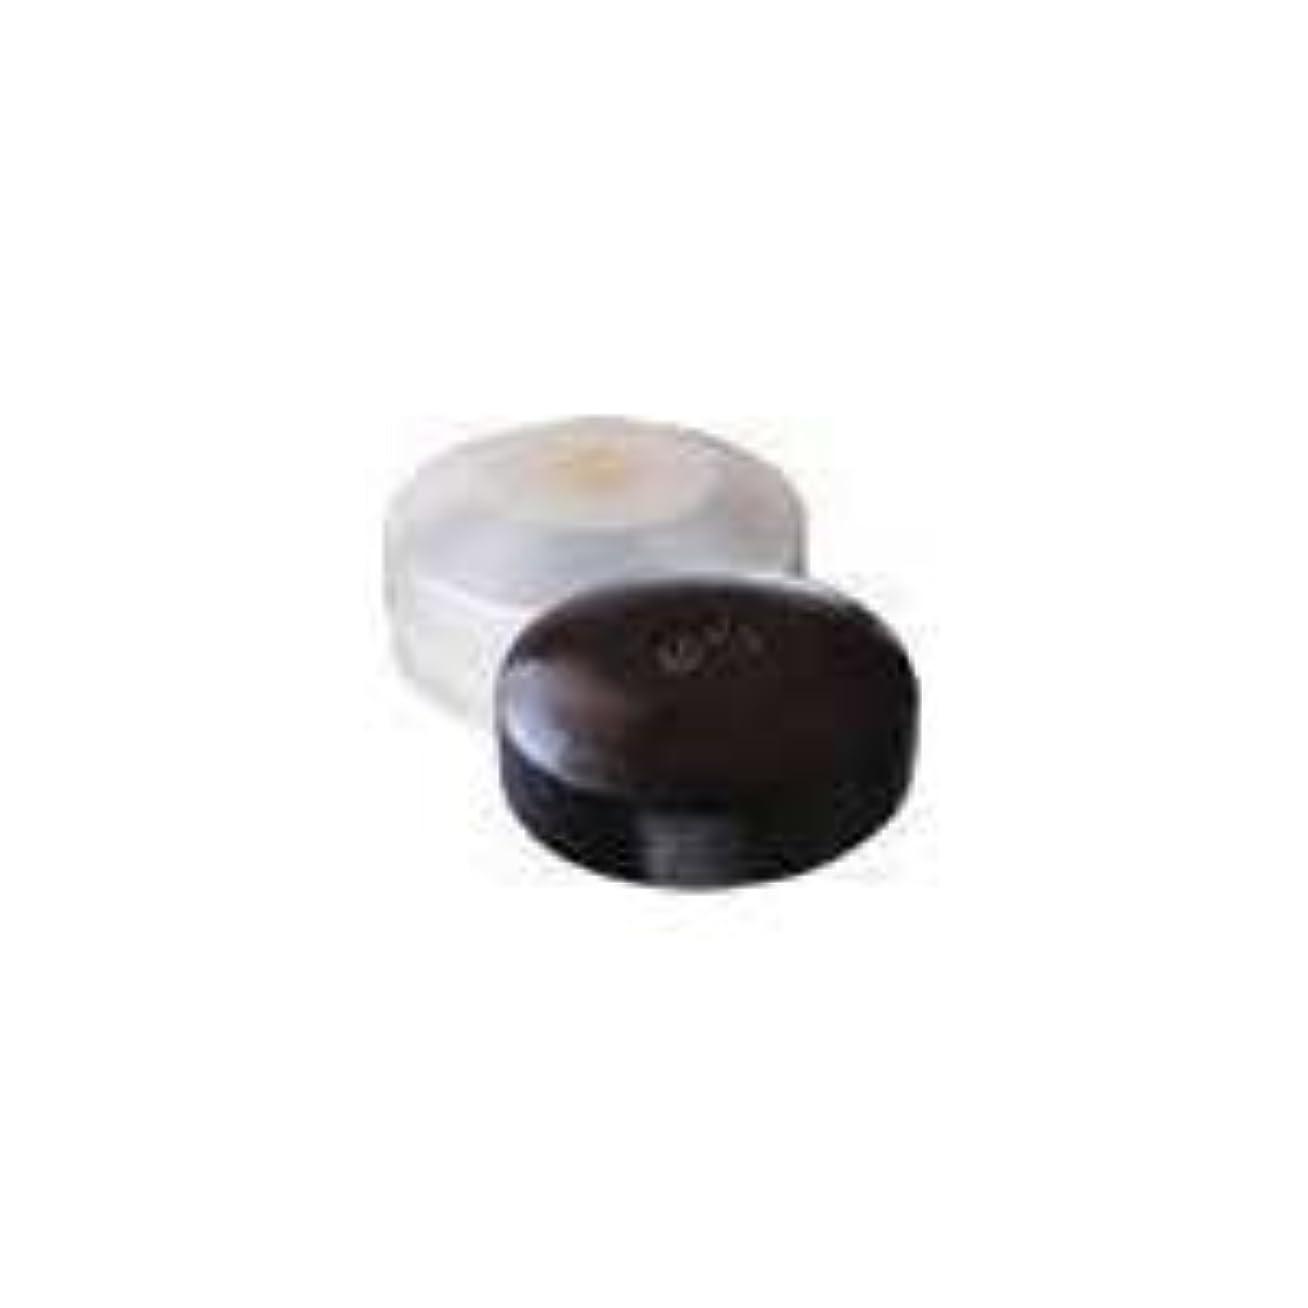 枝駐地マミヤンアロエ基礎化粧品シリーズ アロエクセルソープ 120g(ケース有) まろやかな泡立ち透明石鹸